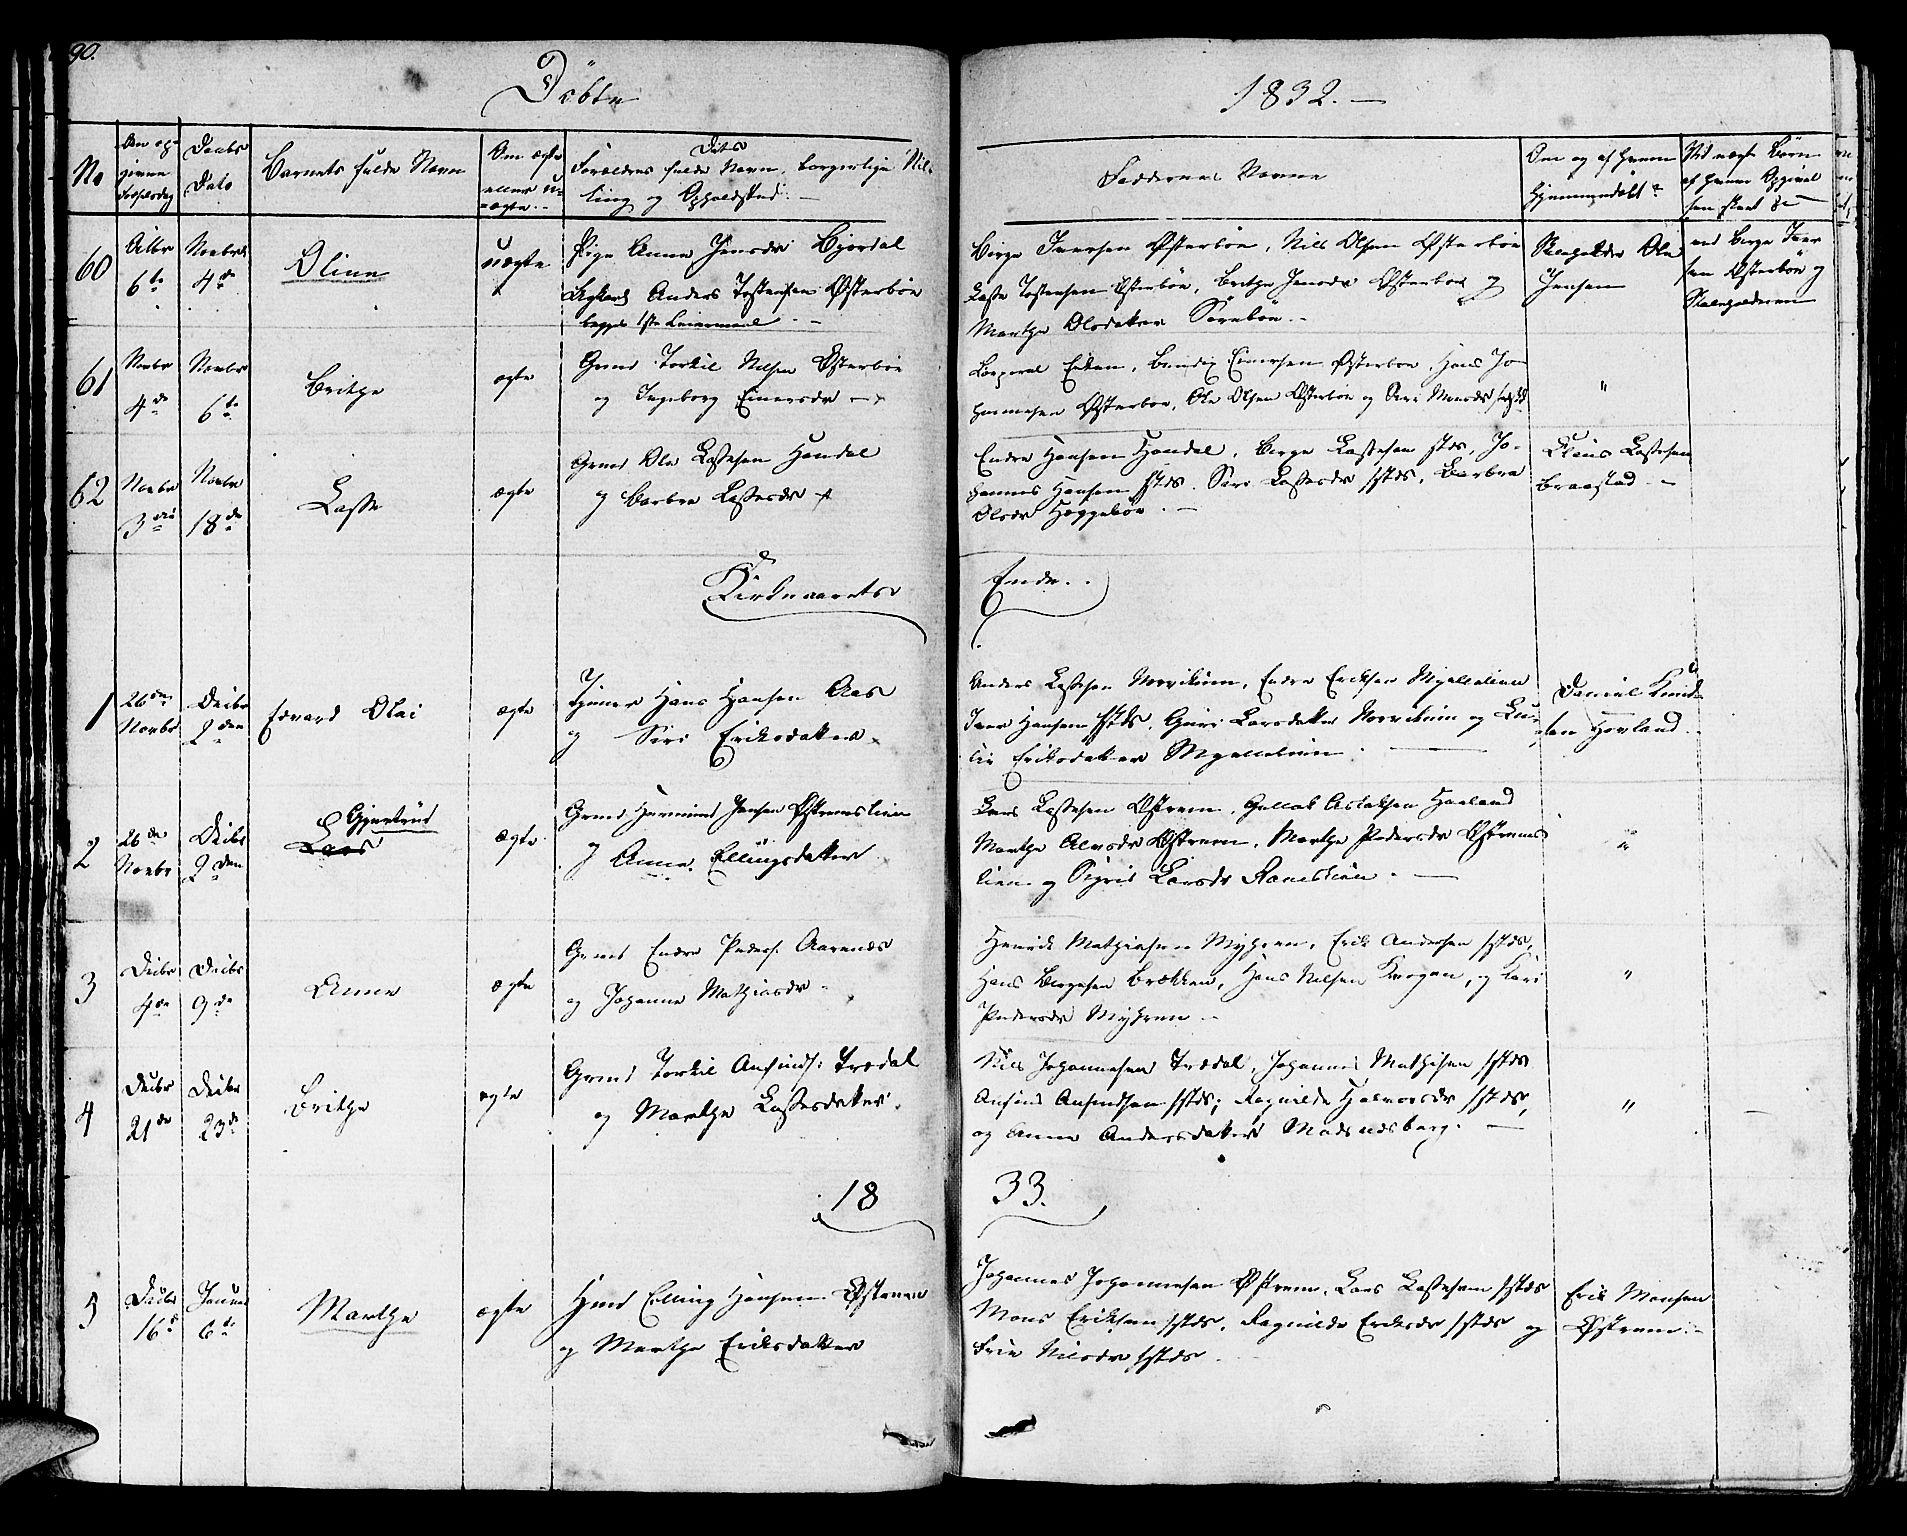 SAB, Lavik sokneprestembete, Ministerialbok nr. A 2I, 1821-1842, s. 90